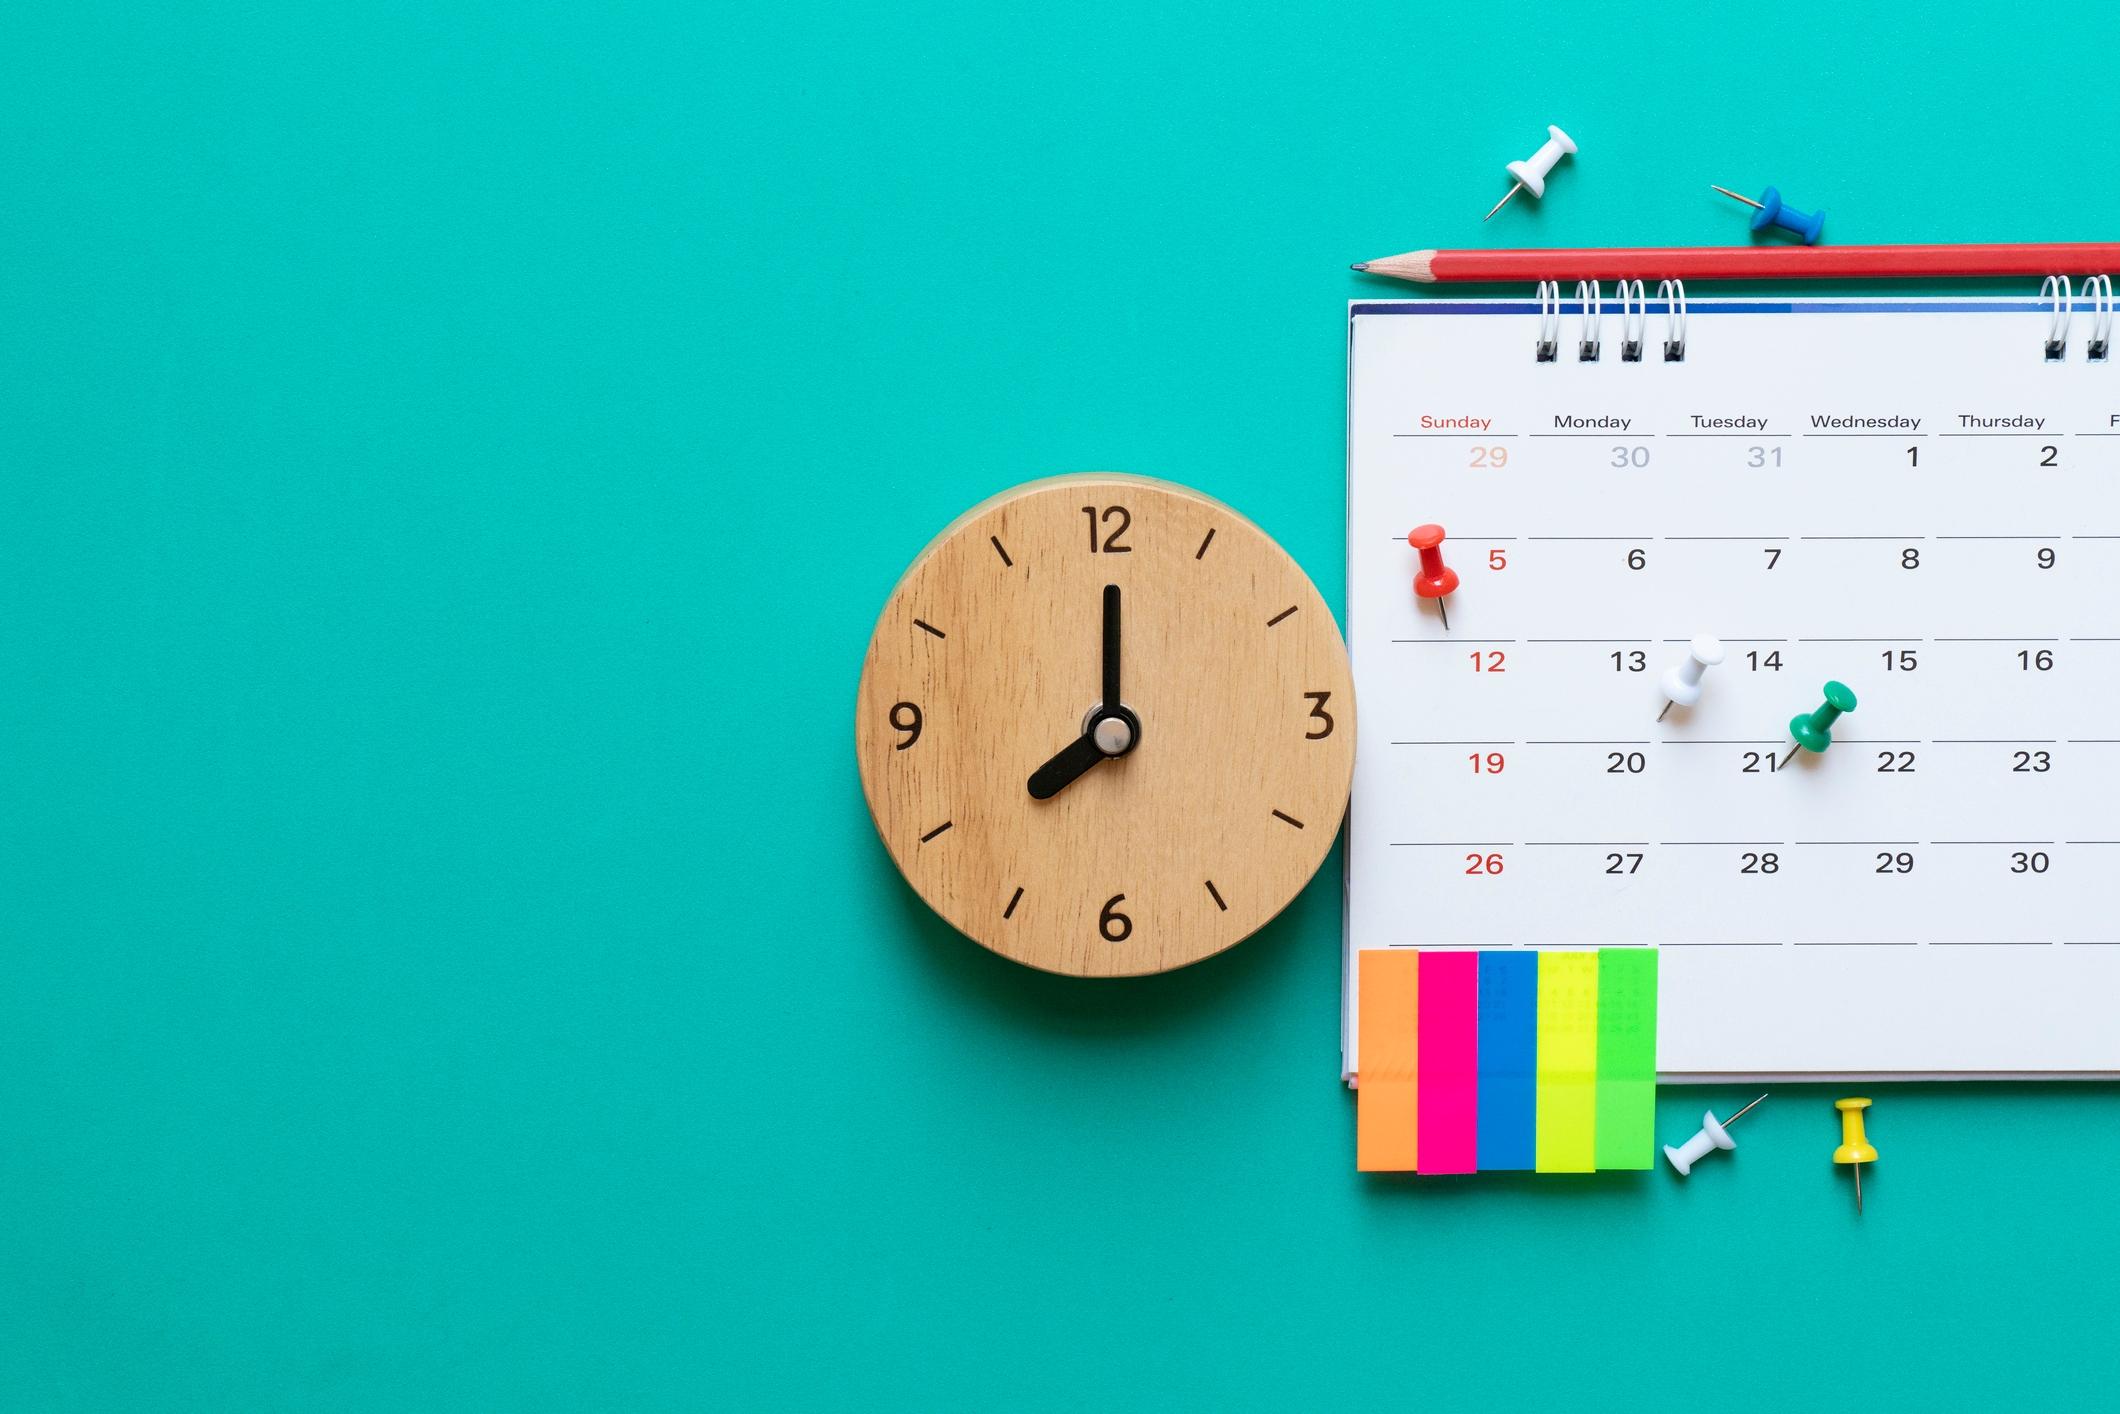 Calendario Esami Terza Media 2020.Calendario Esame Terza Media 2019 Date Di Inizio E Di Fine